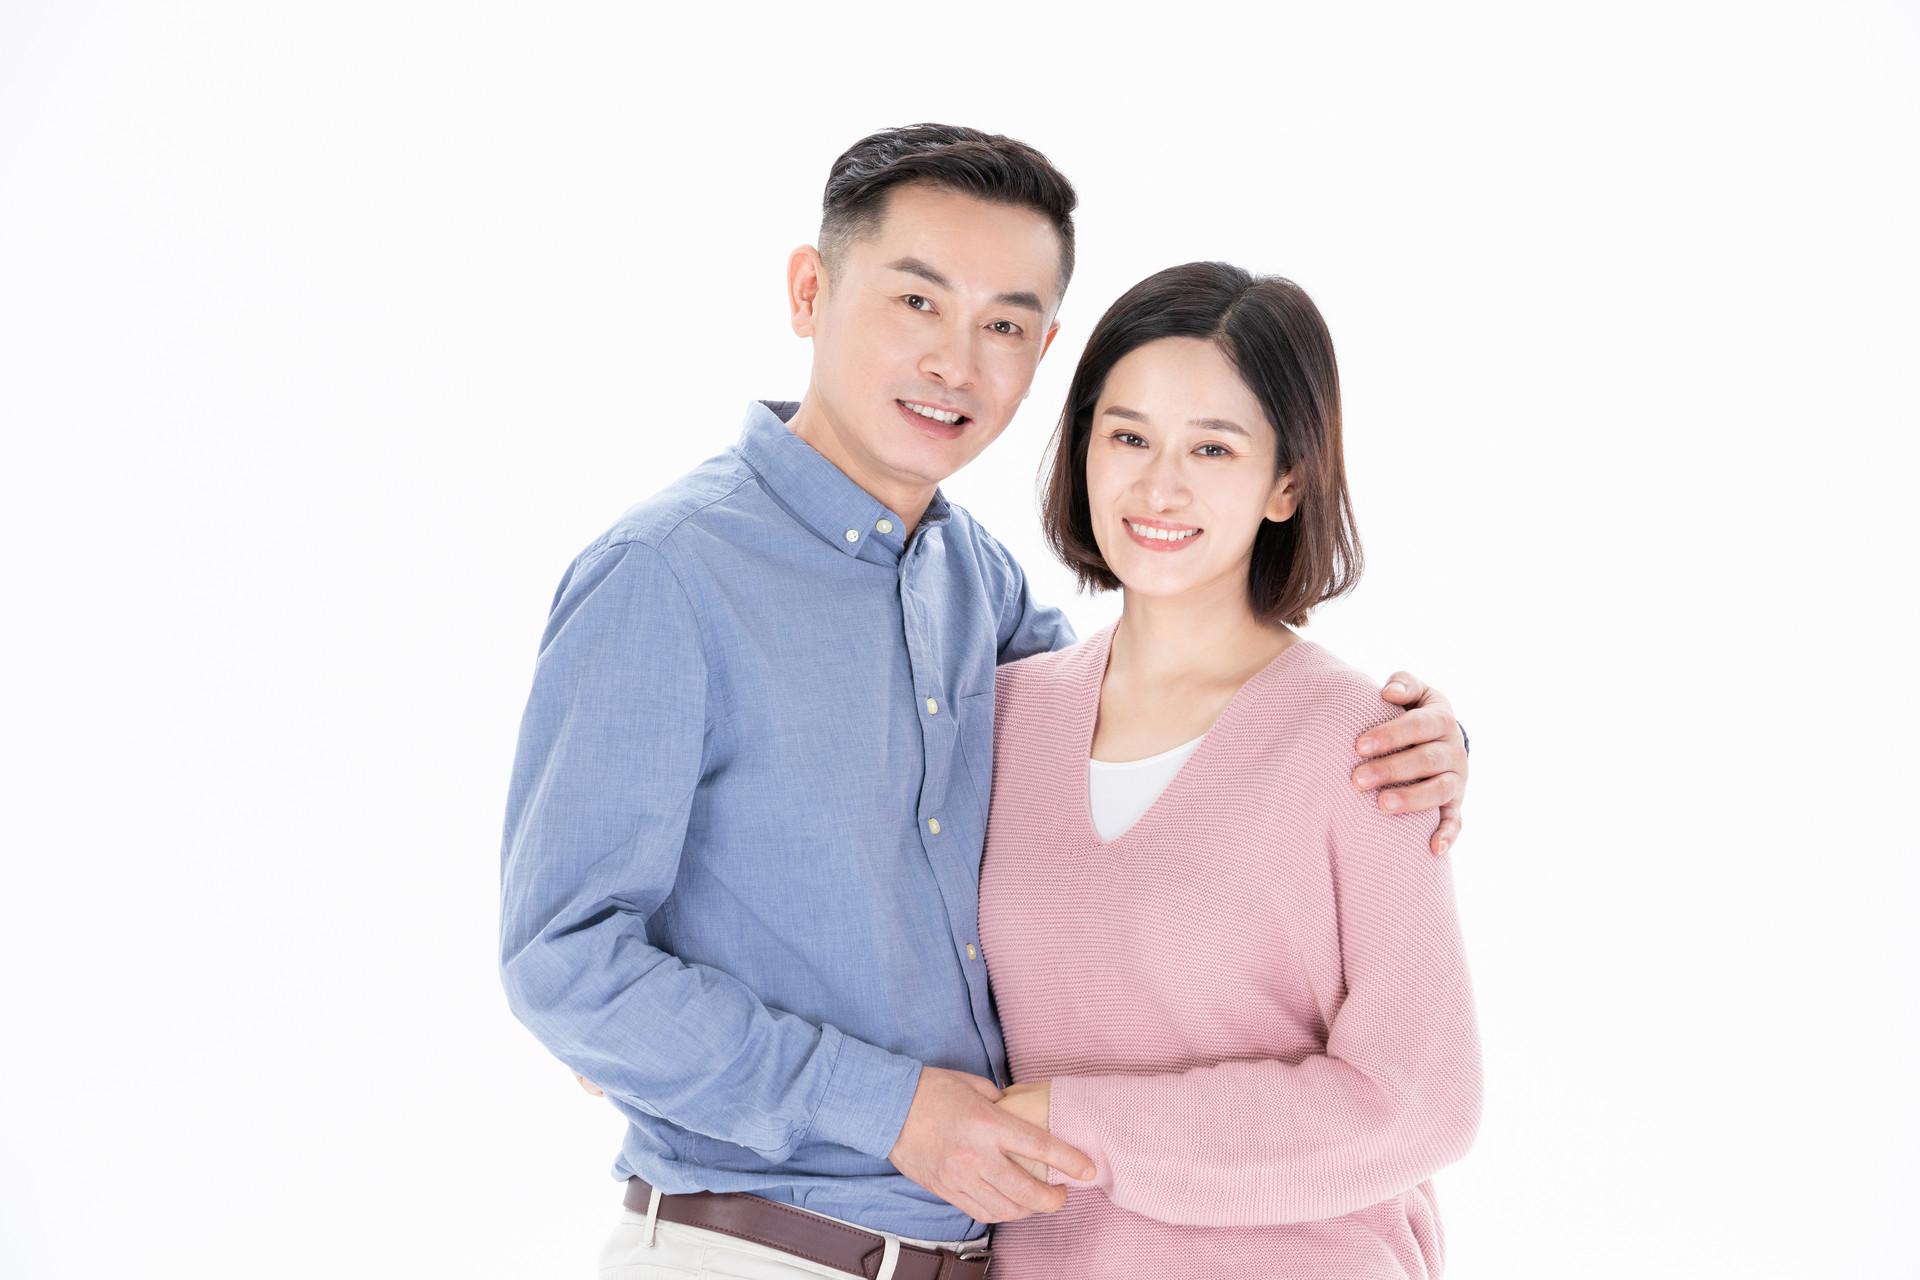 与丈夫相守30载无子,近六旬得知意外怀孕,夫妻两人竟满脸苦相